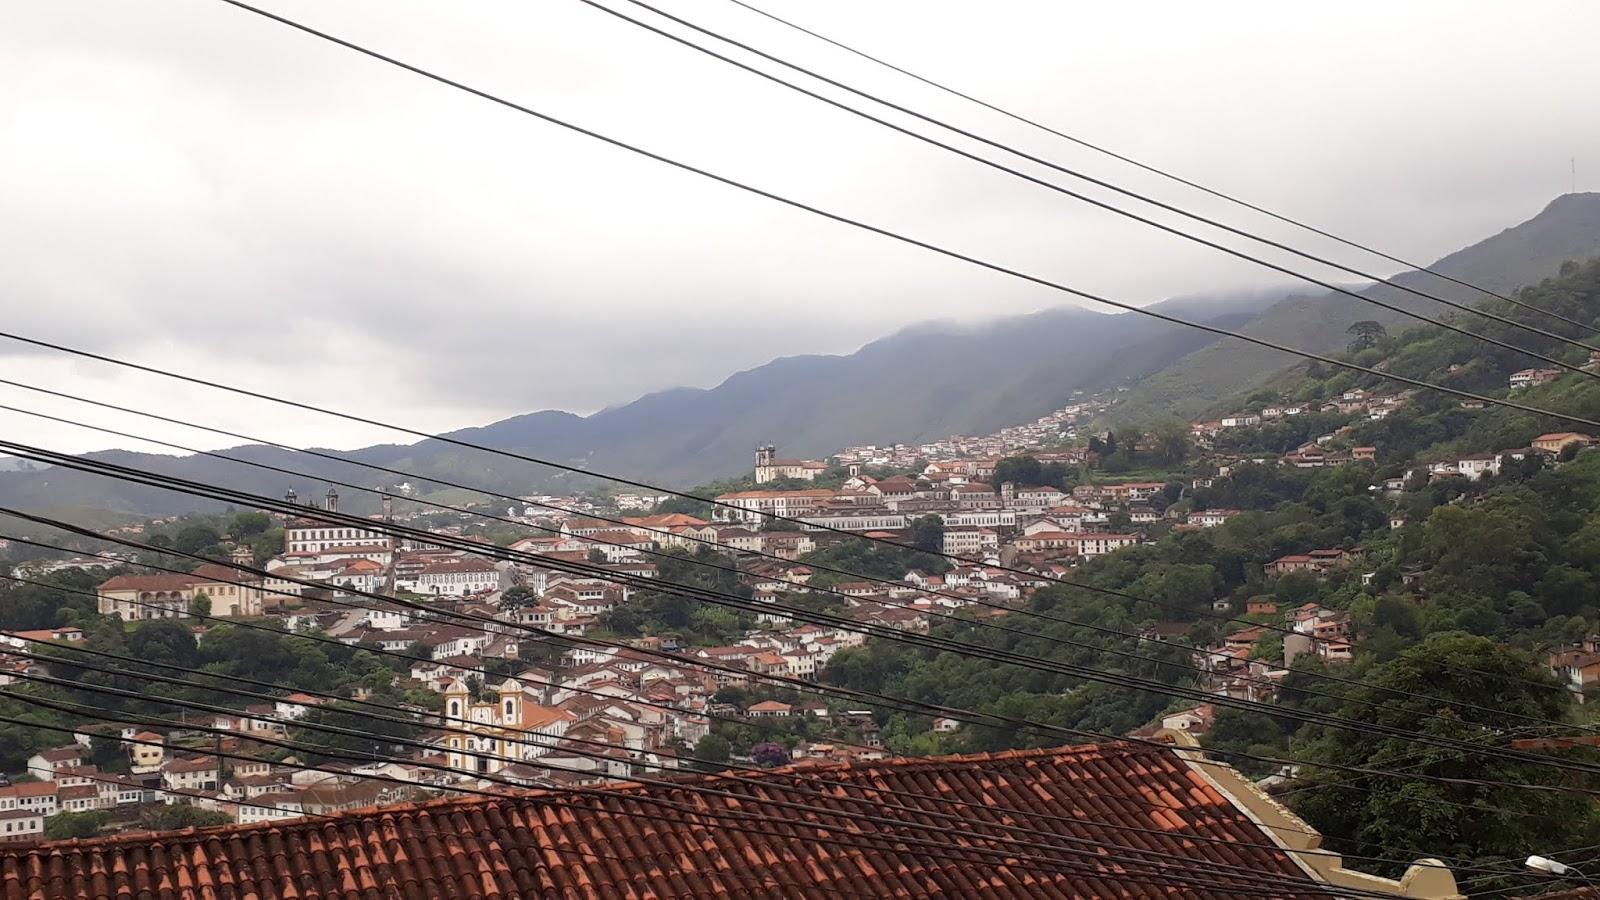 Vista para a cidade de Ouro Preto a partir da Igreja de Santa Efigênia